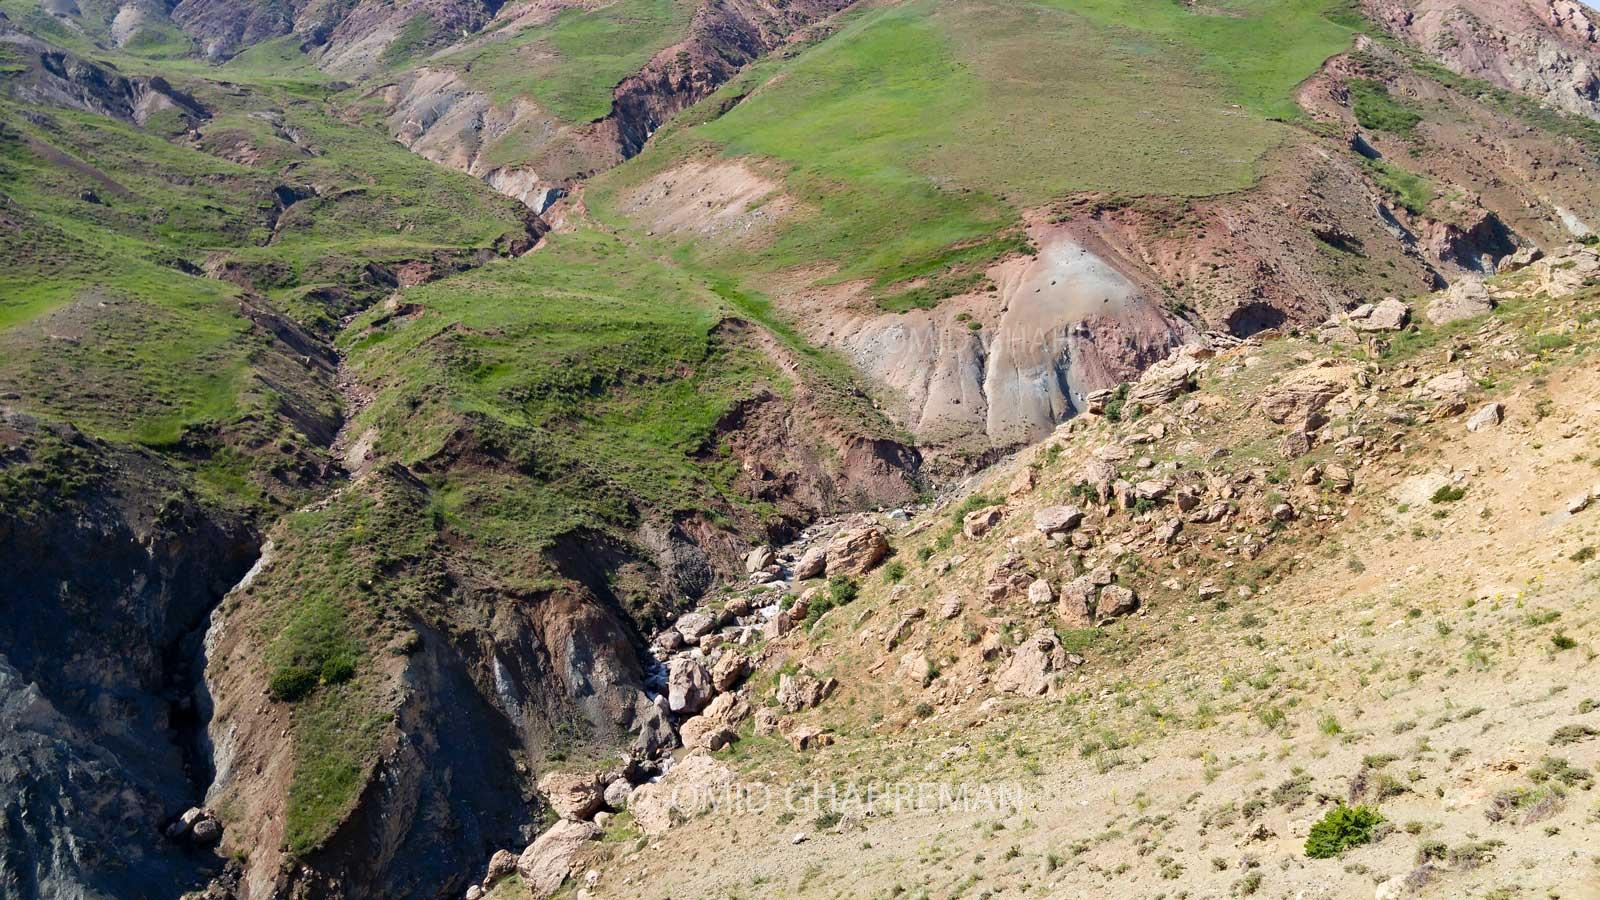 دره و رودخانه زیبای آواجیق در نزدیکی روستای طهماسب